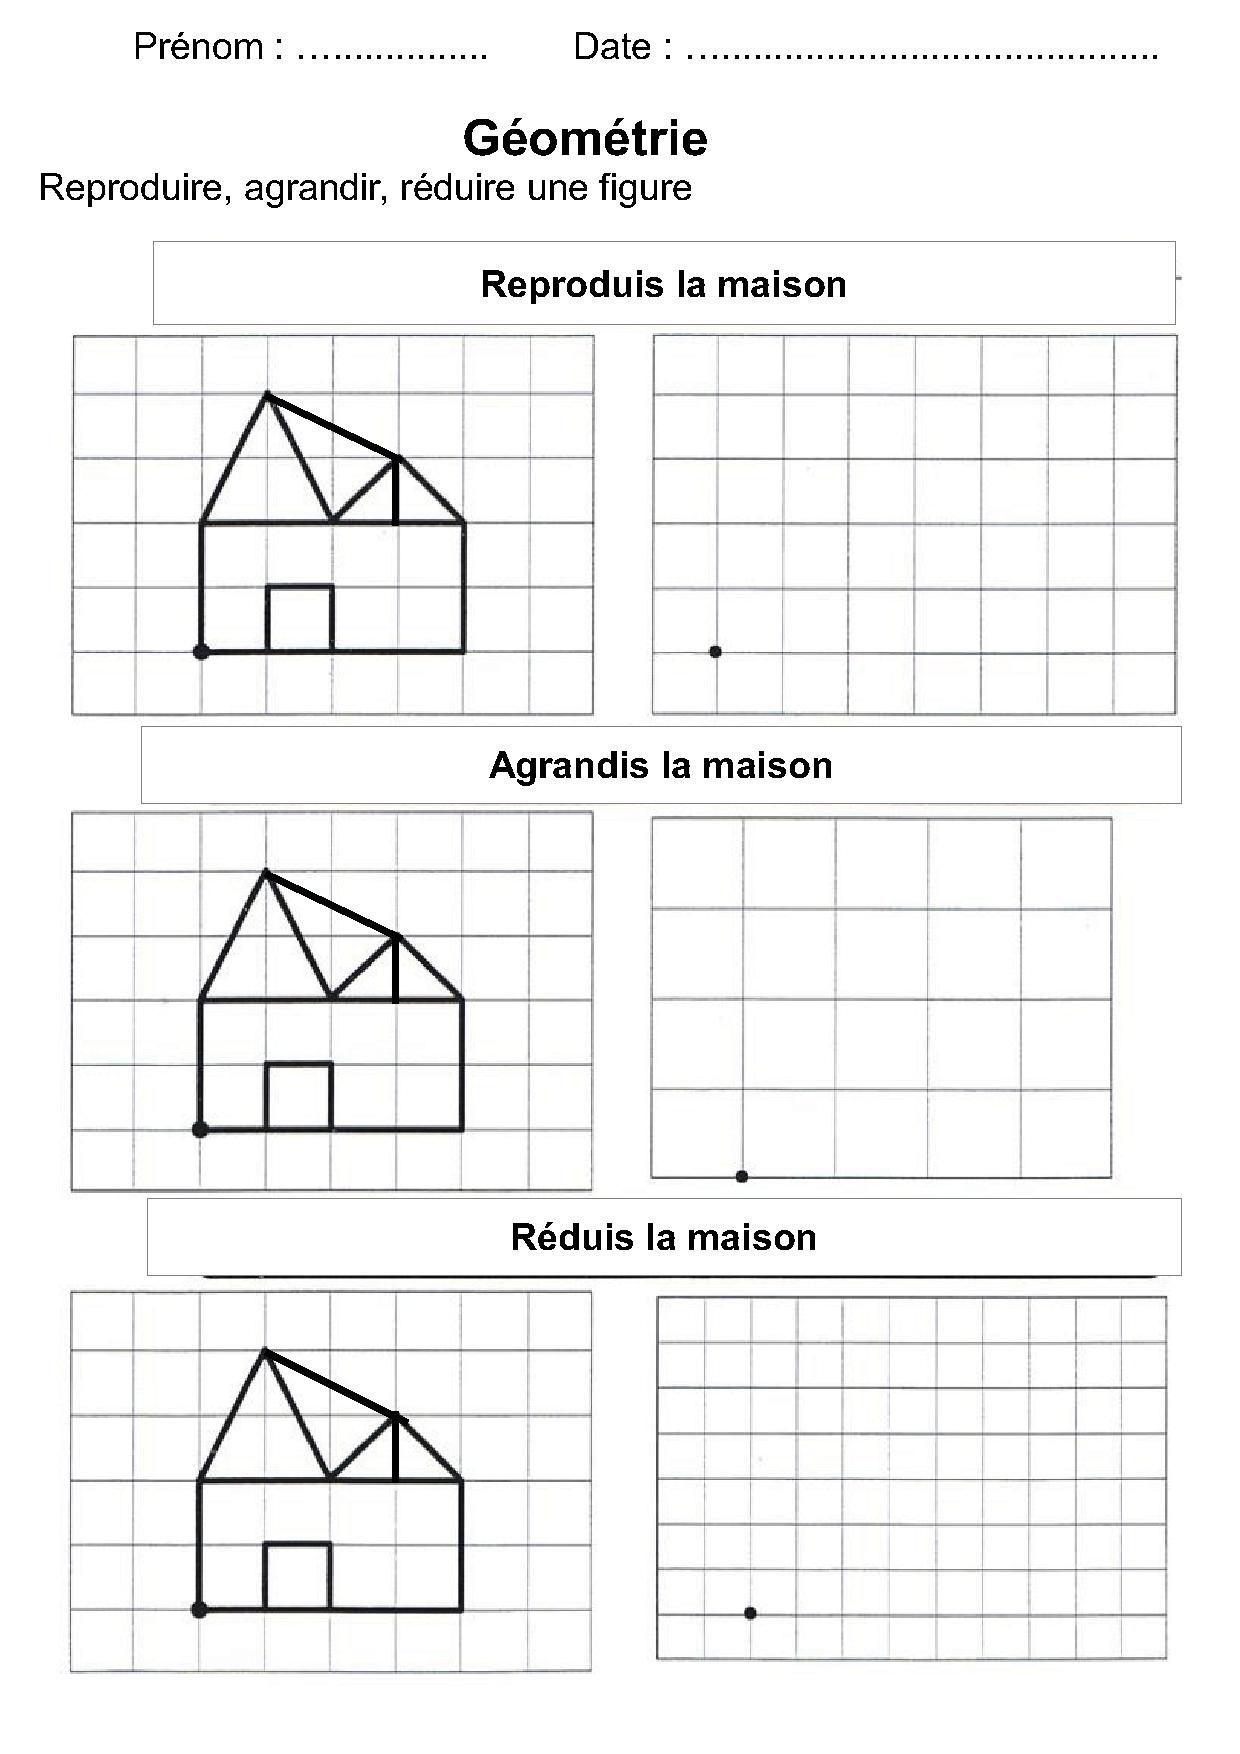 Géométrie Ce1,ce2,la Symétrie,reproduire Une Figure tout Symétrie Ce1 Ce2